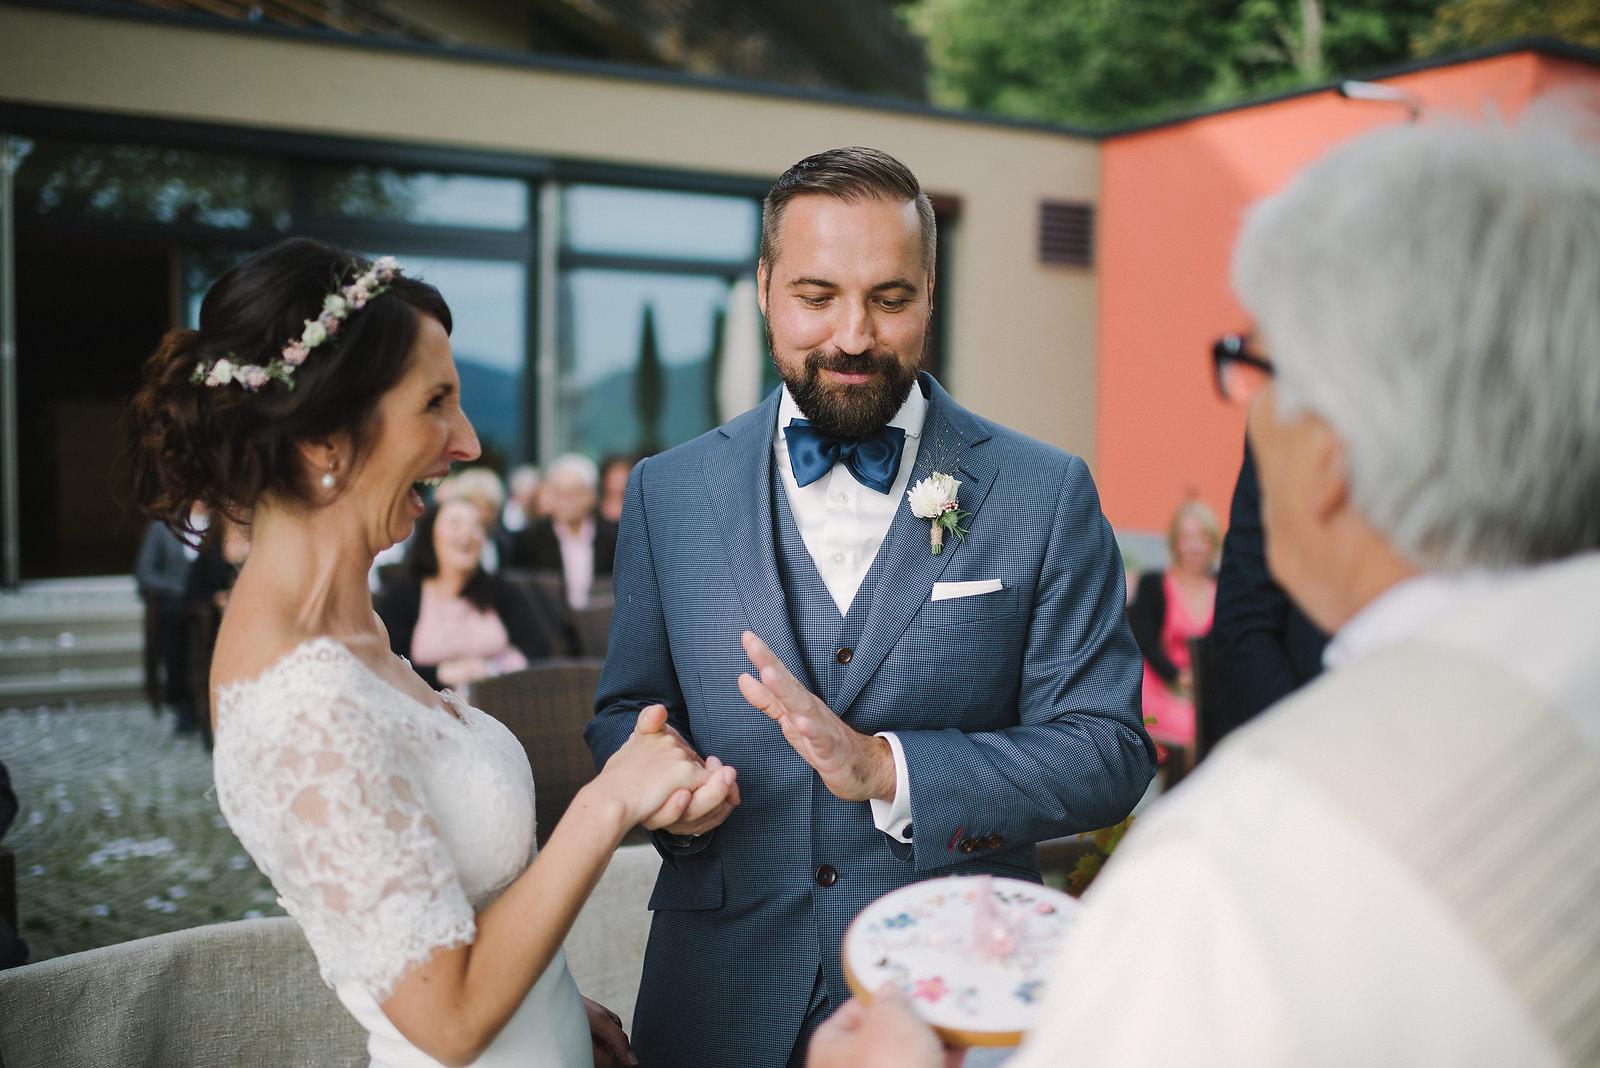 Fotograf Konstanz - Hochzeitsfotograf Reutlingen Achalm Hochzeit EFP 49 - Documentary wedding story on the Achalm, Reutlingen  - 40 -